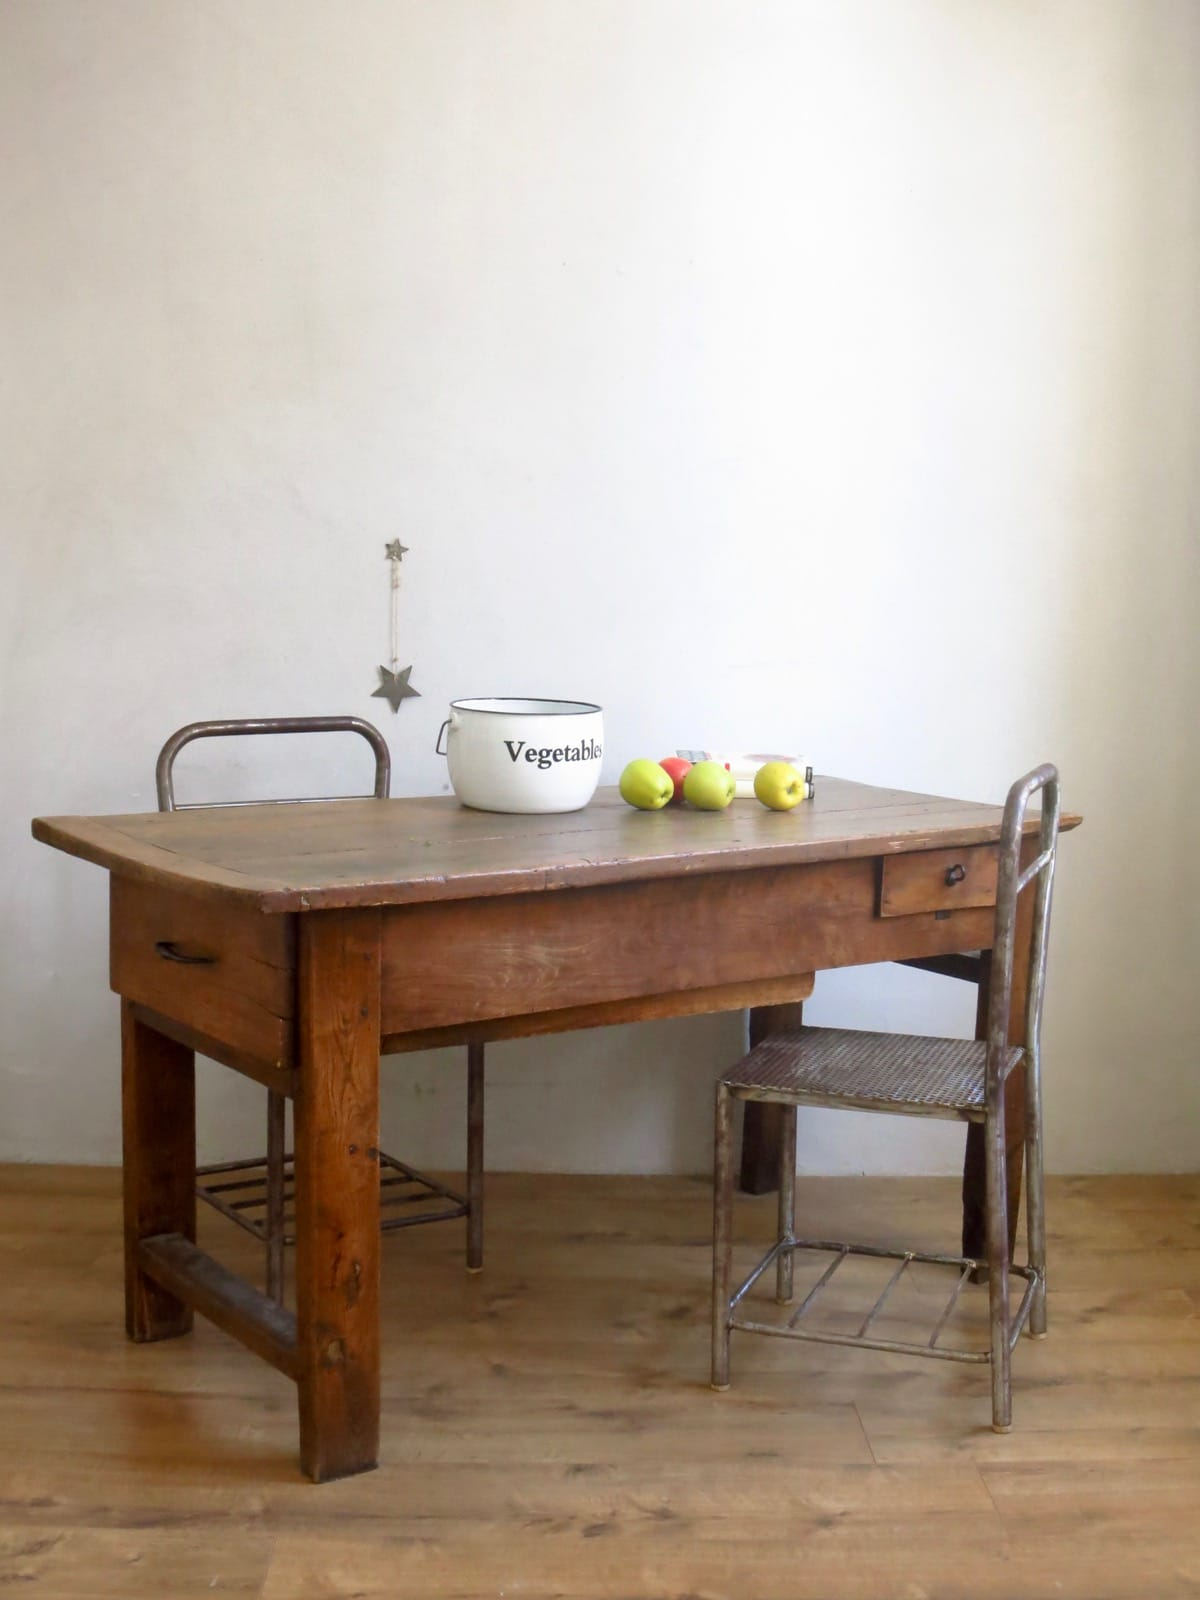 cestvintage trendy giulia castagnoli cestvintage with cestvintage best etabli ancien en bois. Black Bedroom Furniture Sets. Home Design Ideas